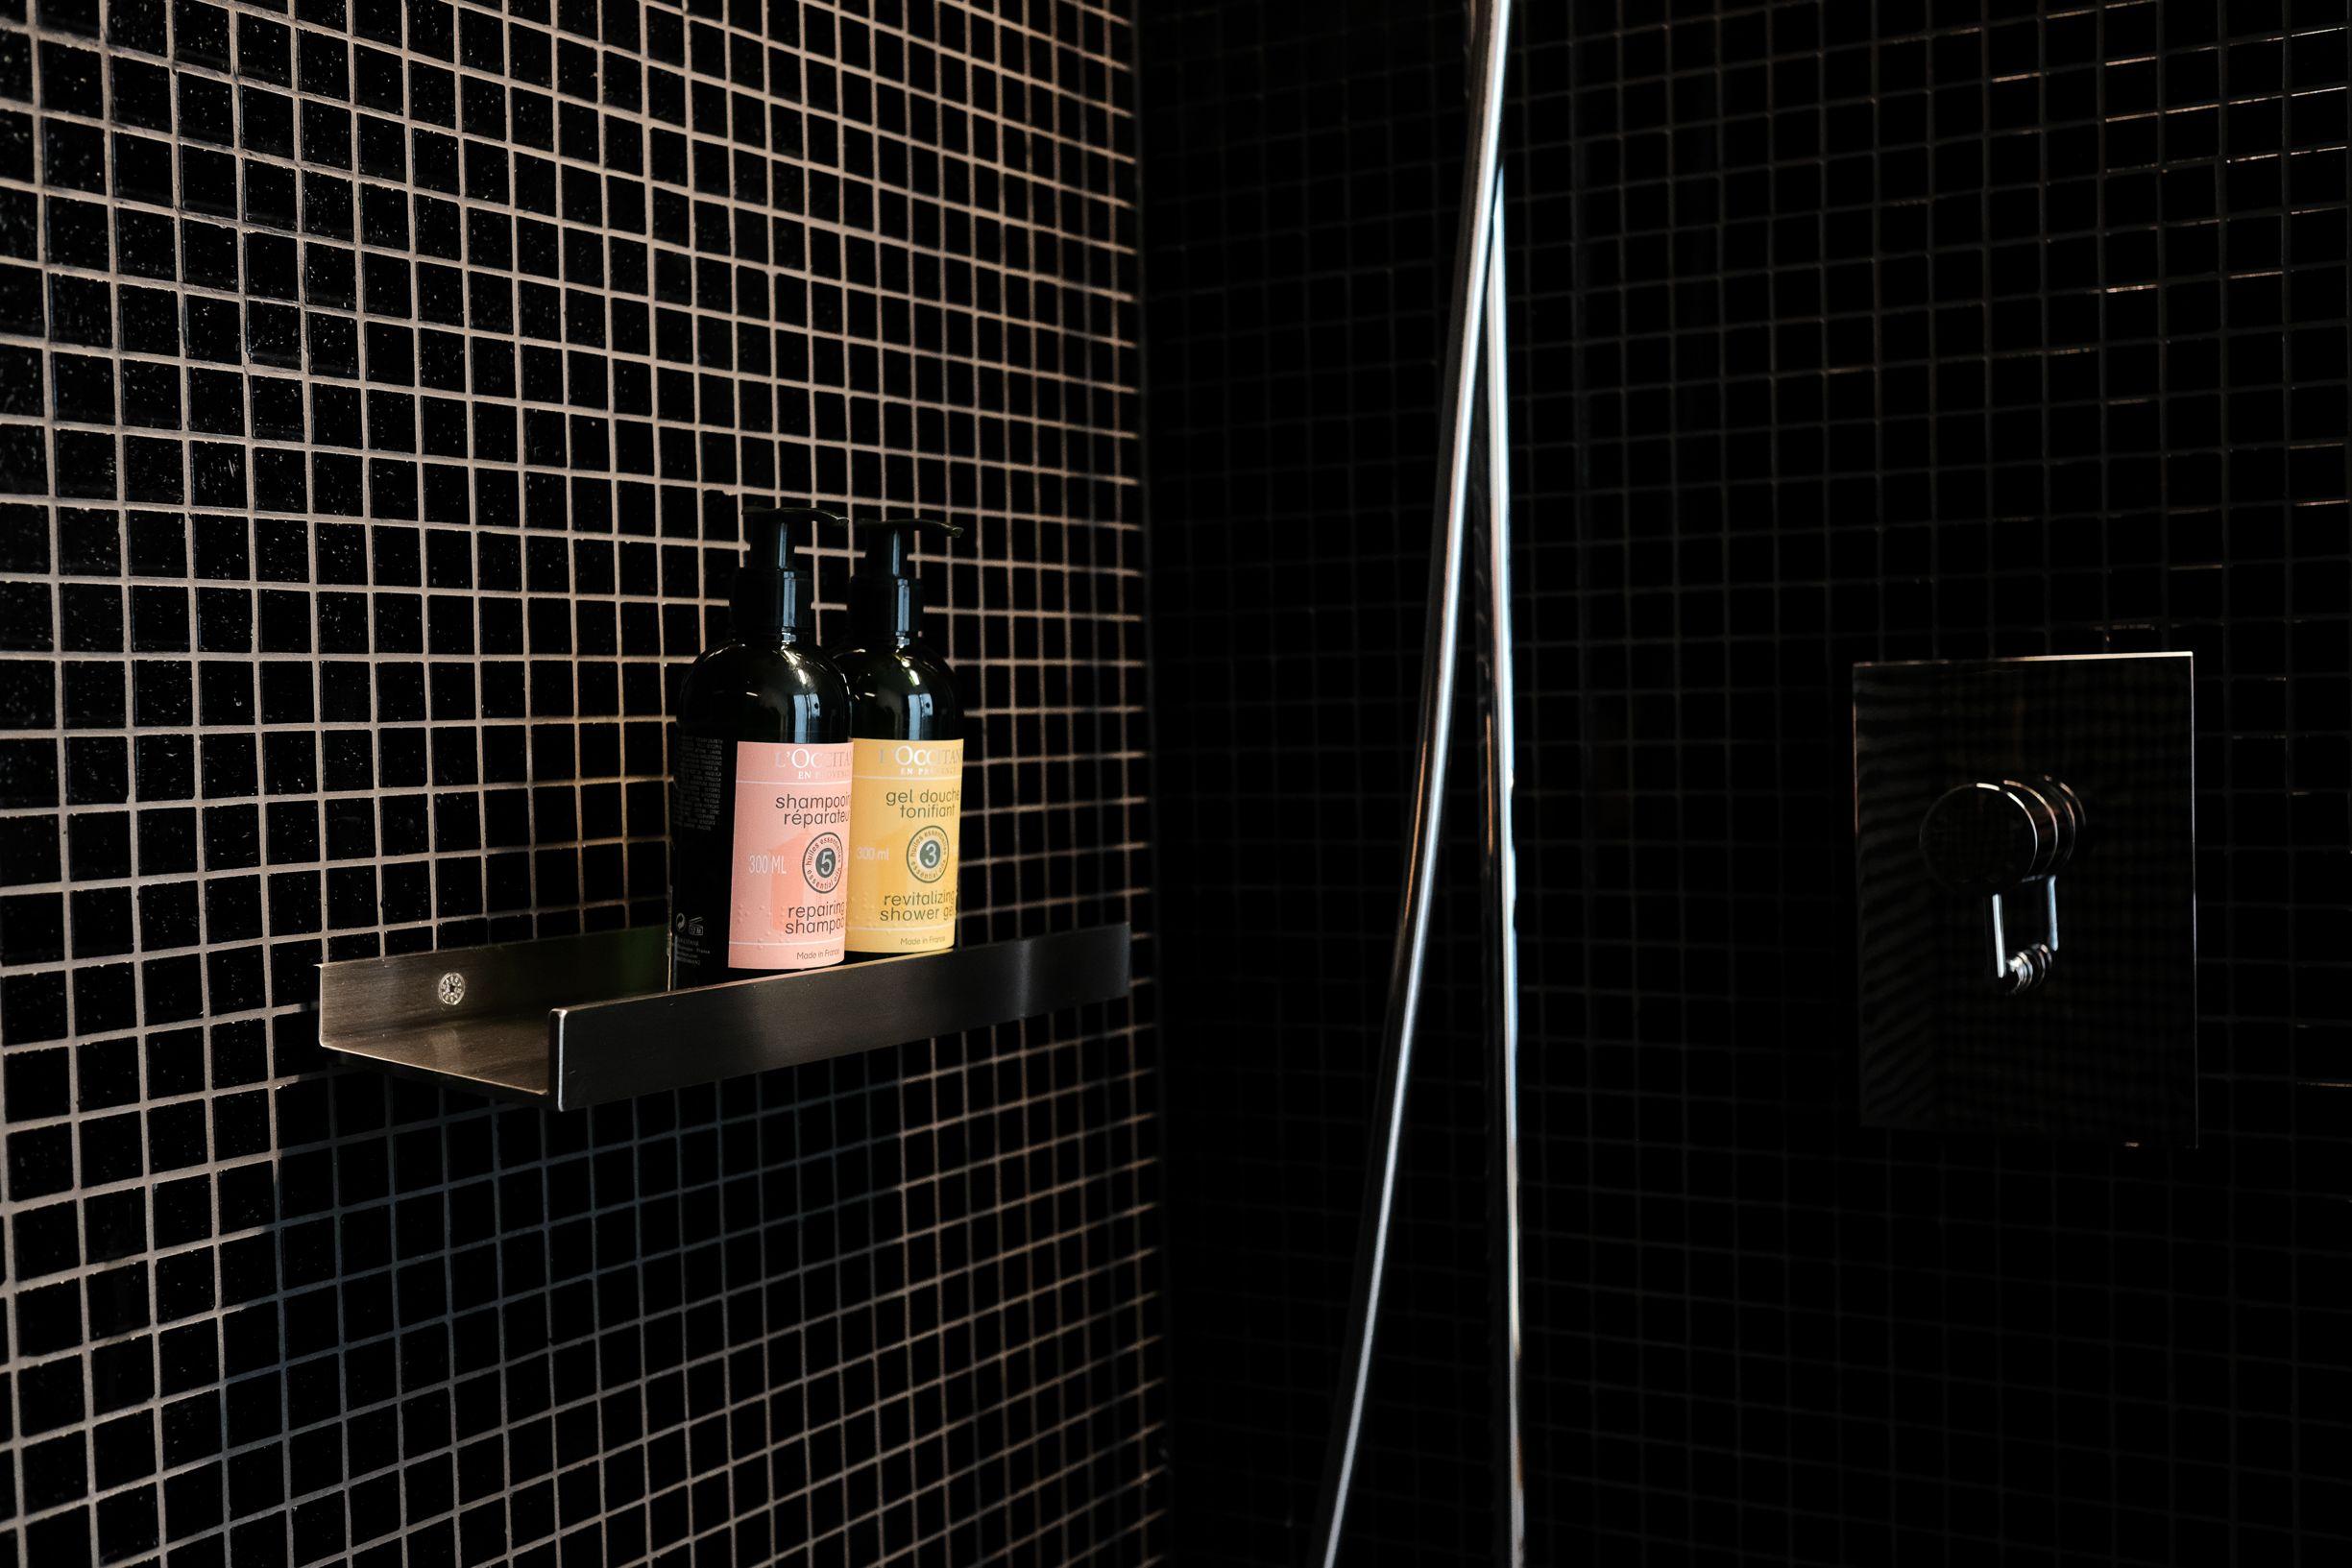 Ablage Dusche Gasanlage, Dusche